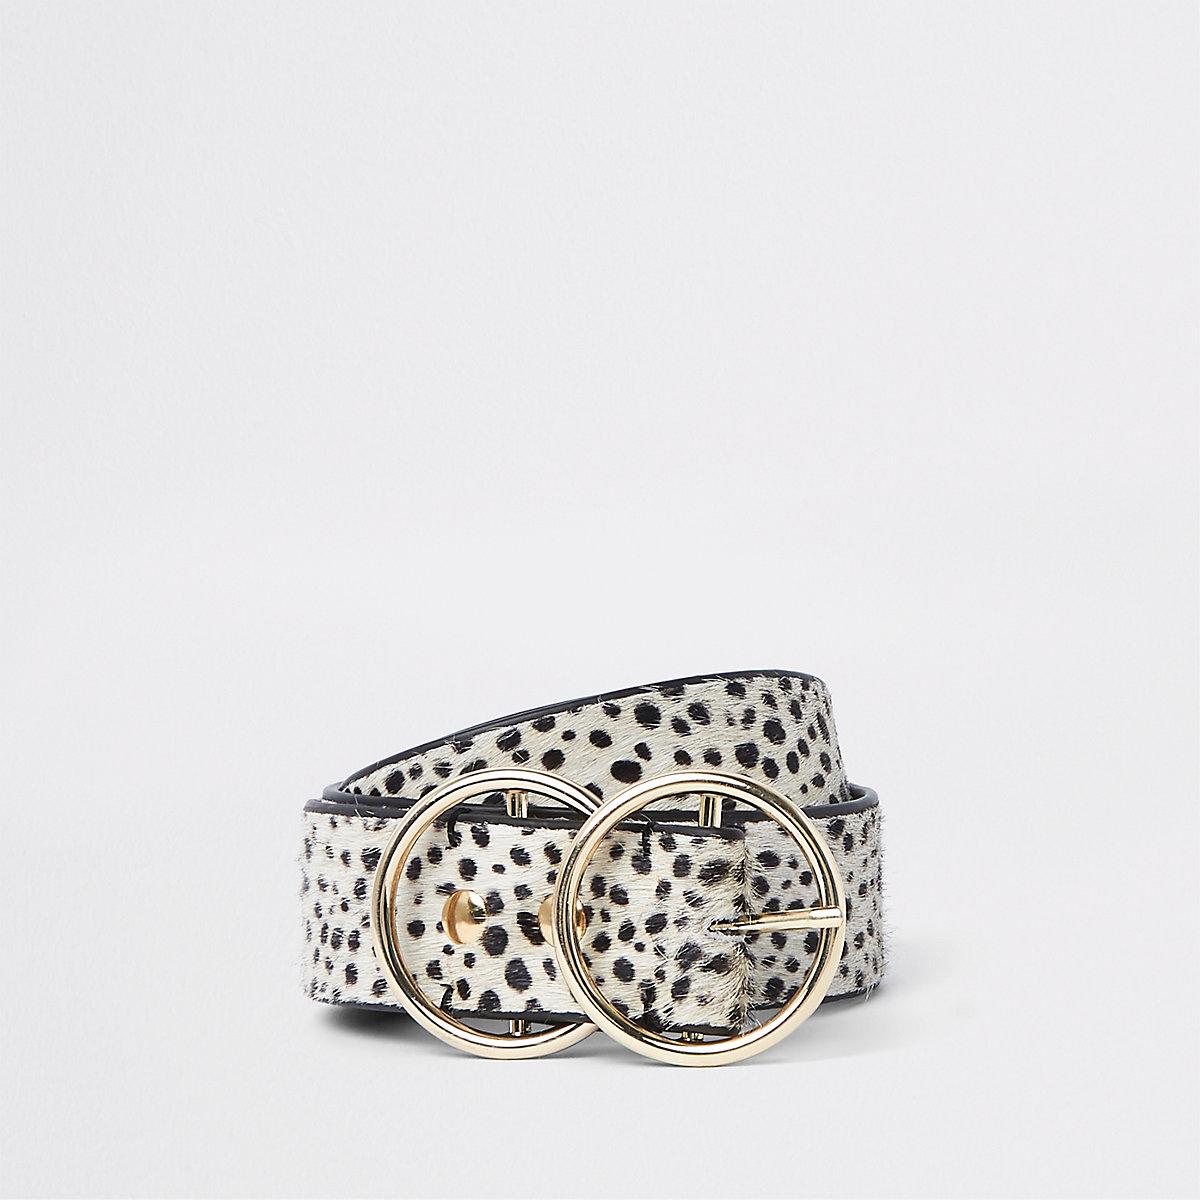 ... Ceinture en cuir imitation poney à imprimé dalmatien blanche à anneaux  ... 189acb6b4dc